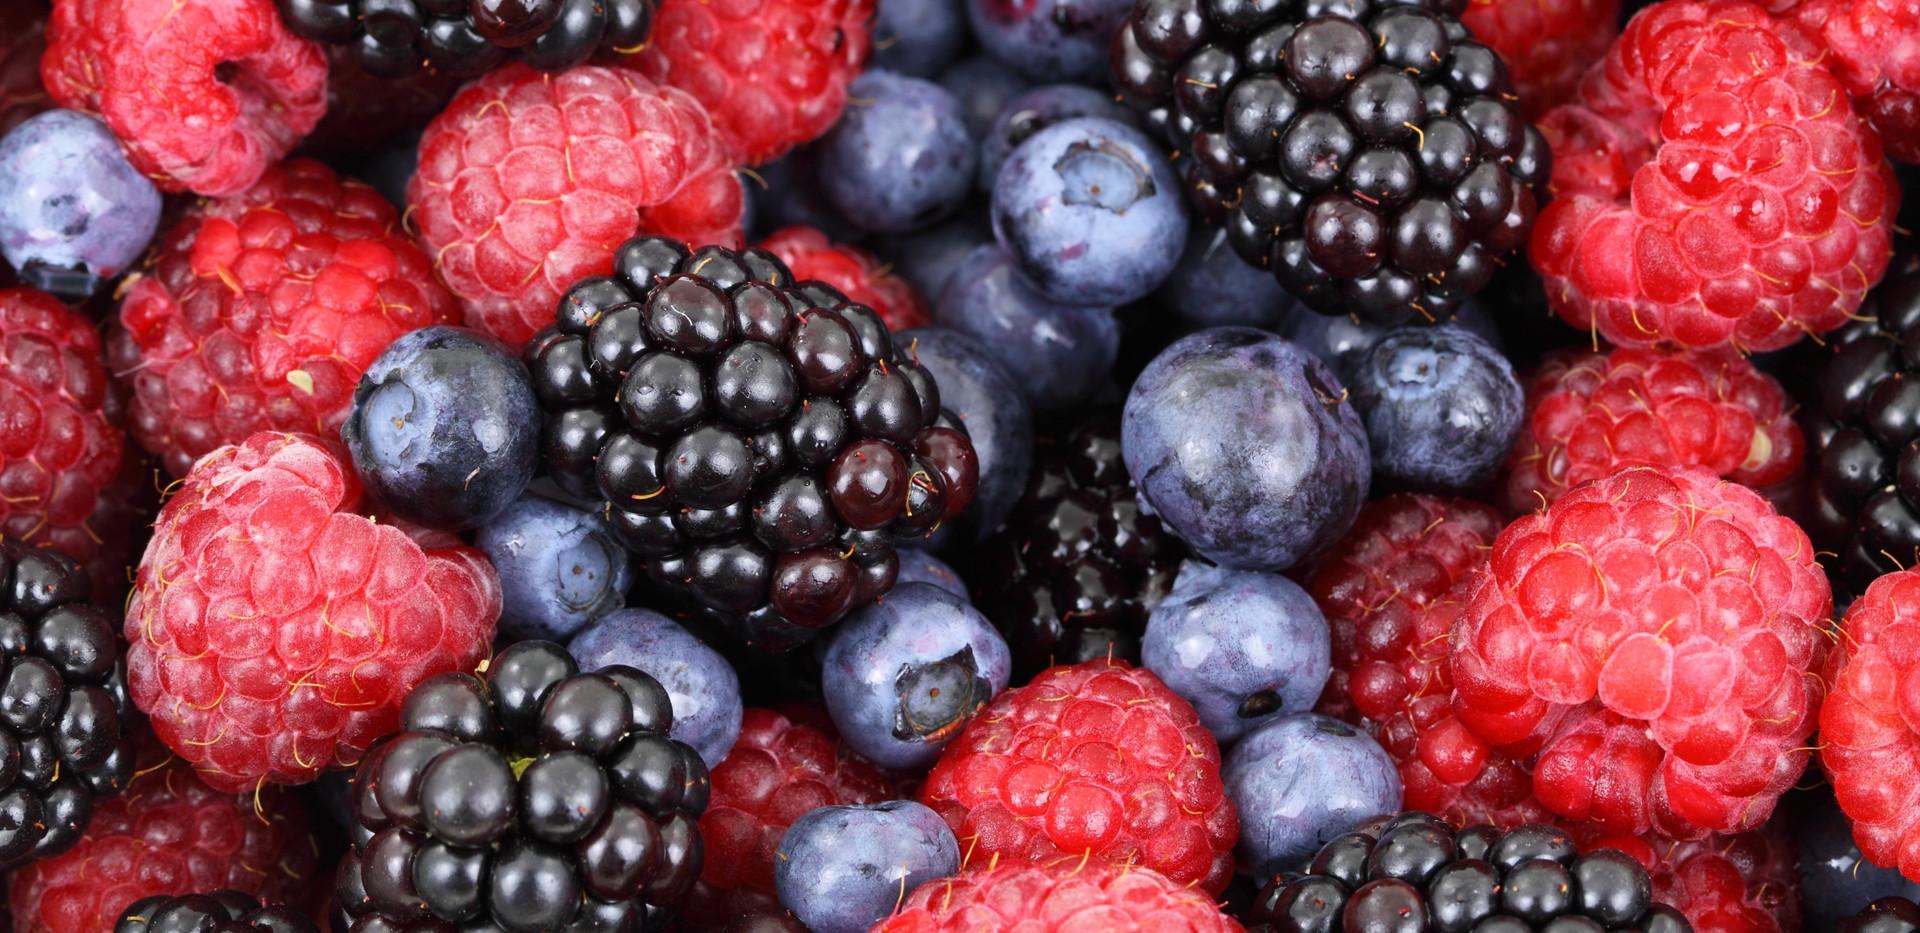 berries-blackberries-blueberries-87818.j